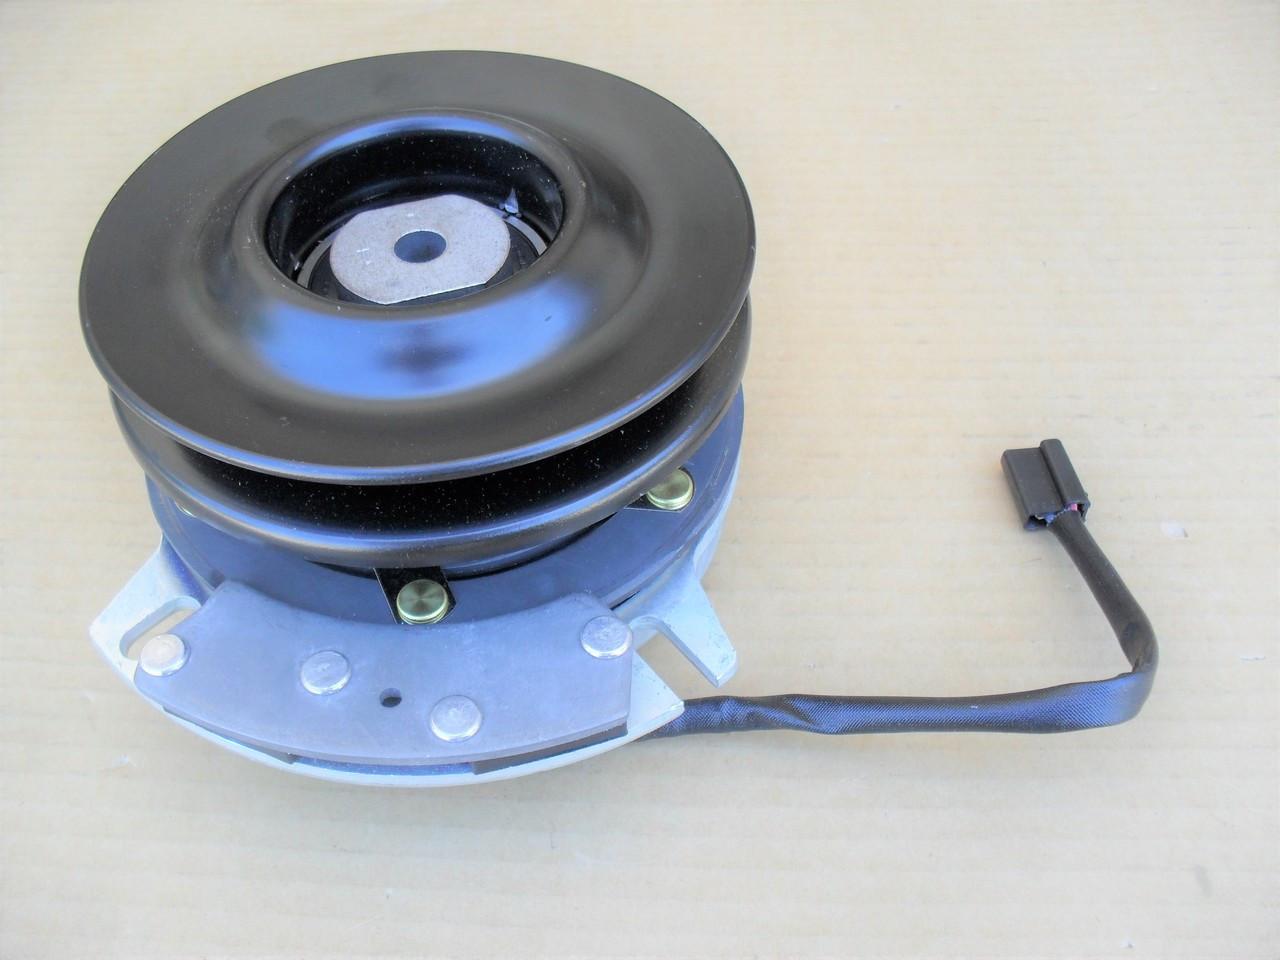 Electric PTO Clutch for Cub Cadet LGT1050, LT1045, LT1046, LT1050, LTX1042,  LTX1045, 717-04174, 717-04174A, 917-04174, 917-04174A